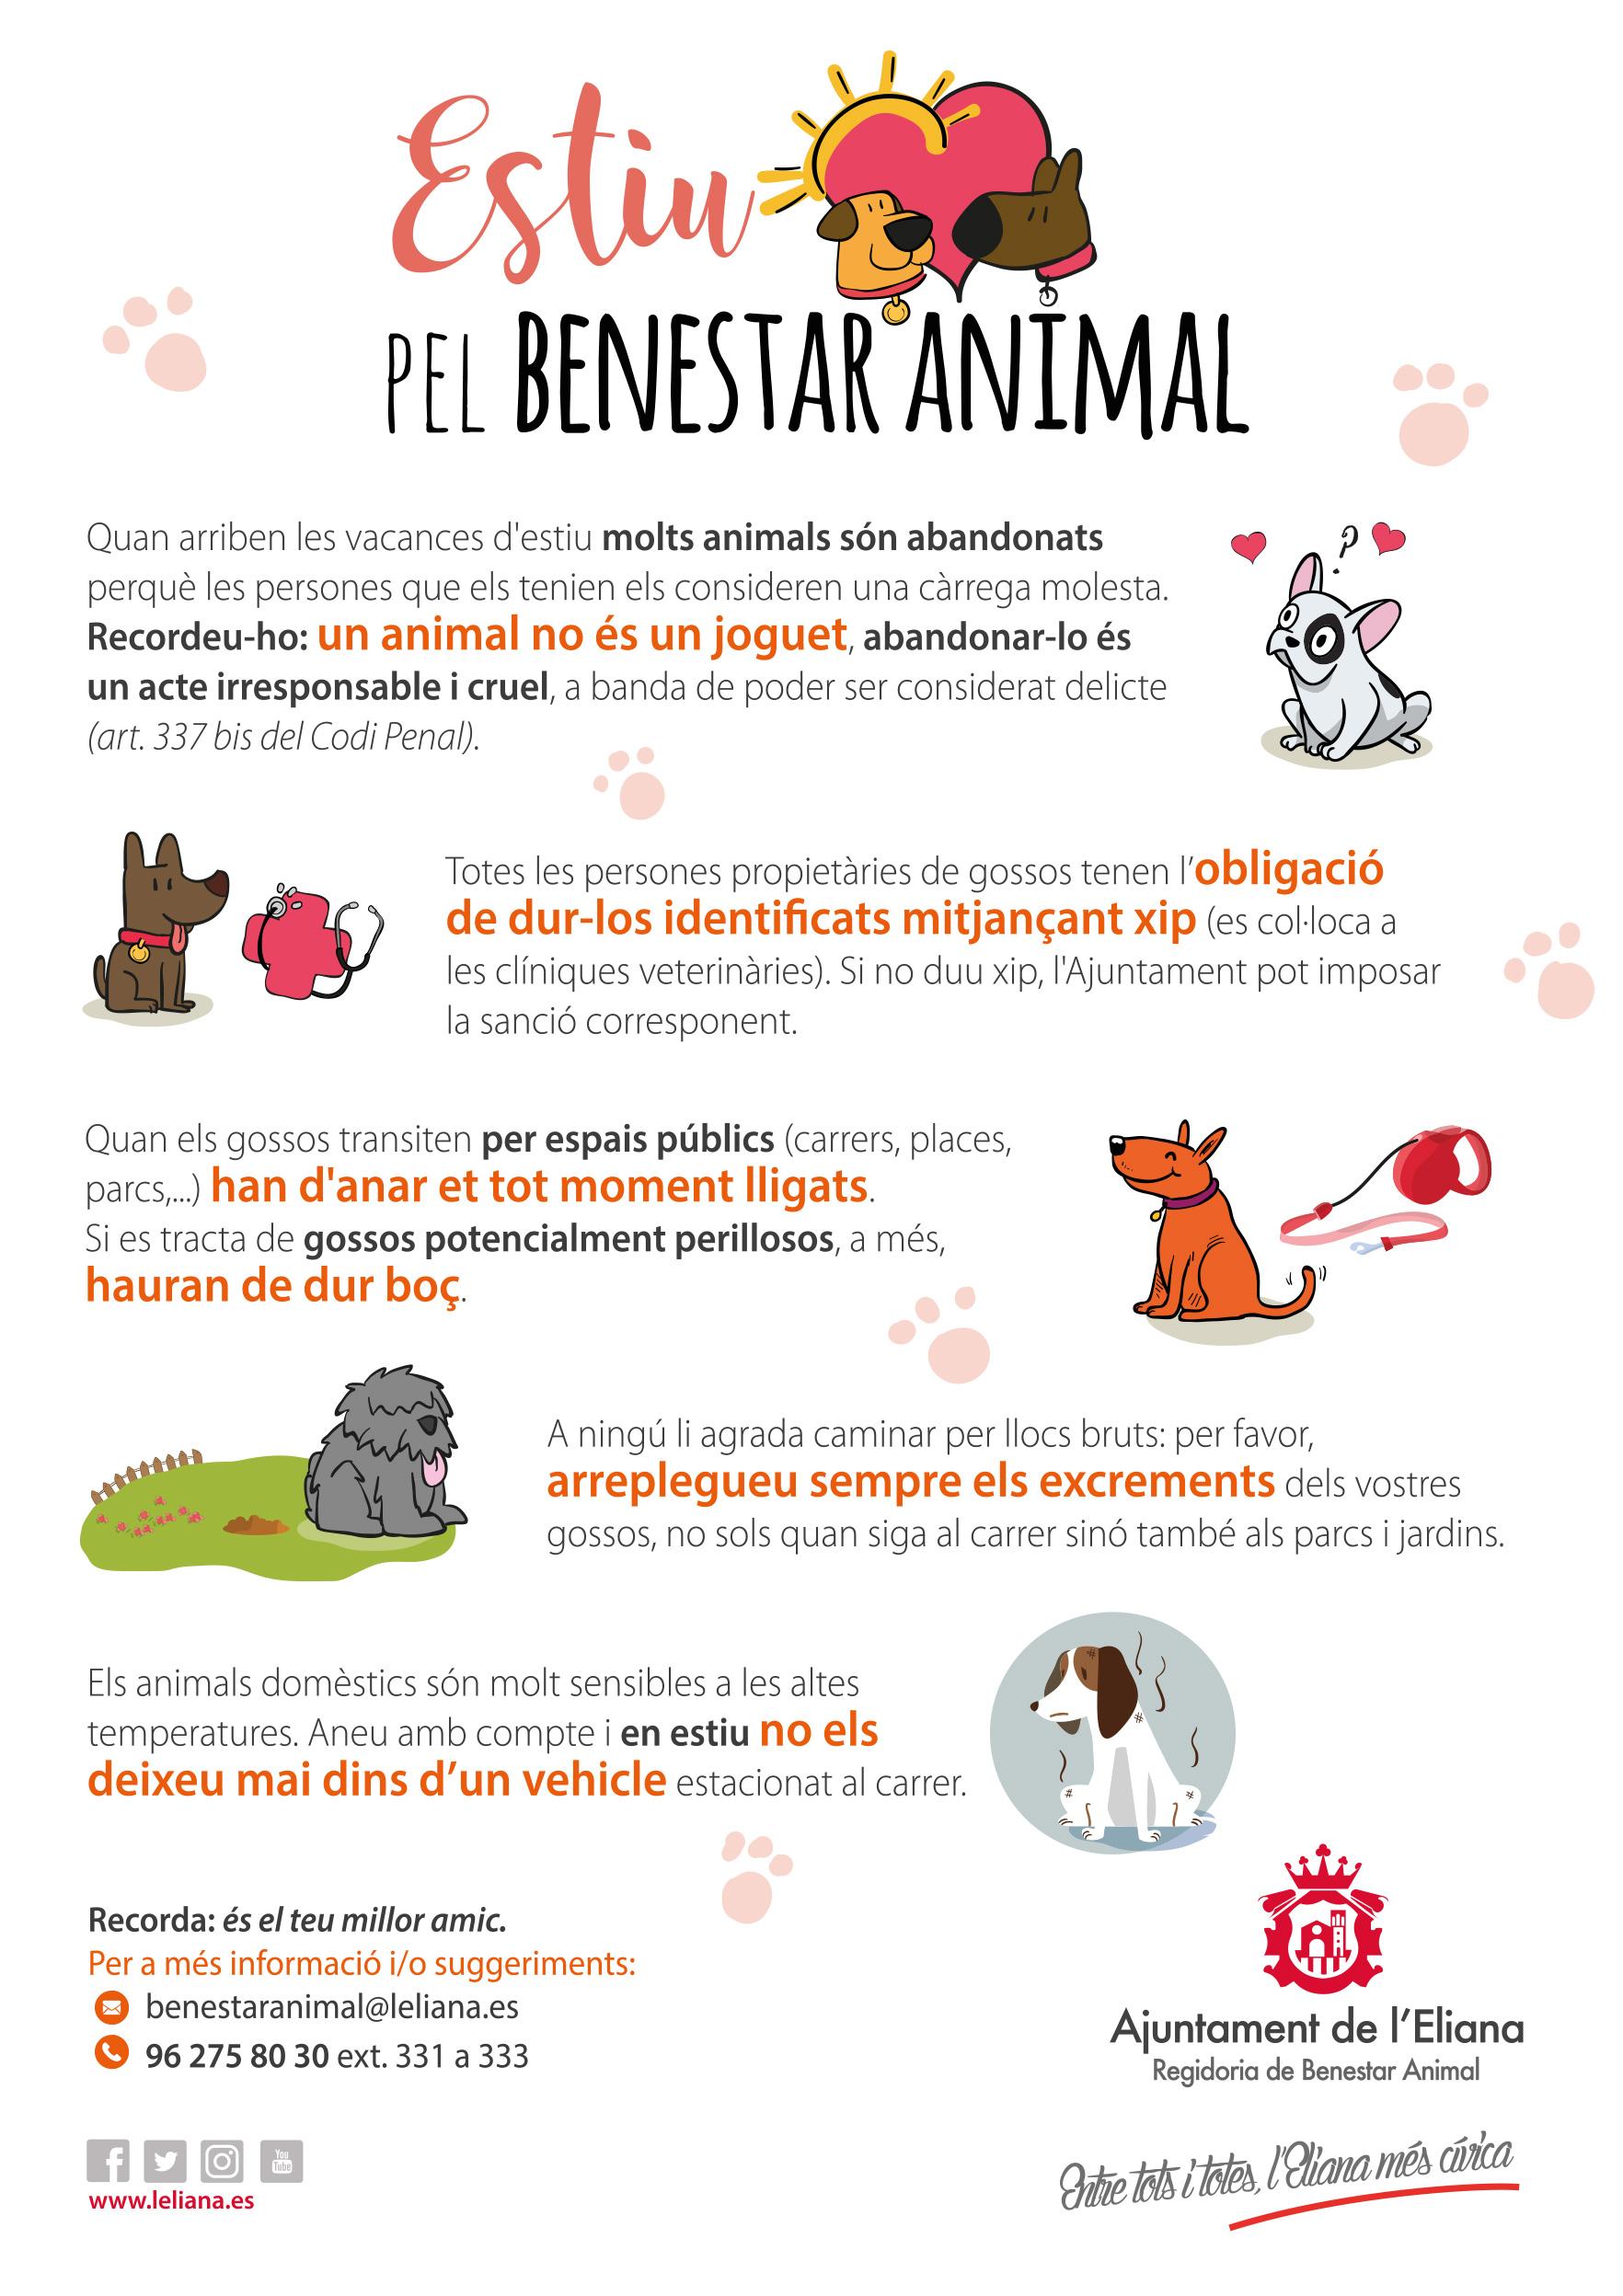 El área de Bienestar Animal del Ayuntamiento de l'Eliana ha impulsado la campaña 'Verano por el bienestar animal', con la que se desea informar y concienciar sobre la importancia de cumplir con unas normas que son básicas para quienes poseen mascotas.